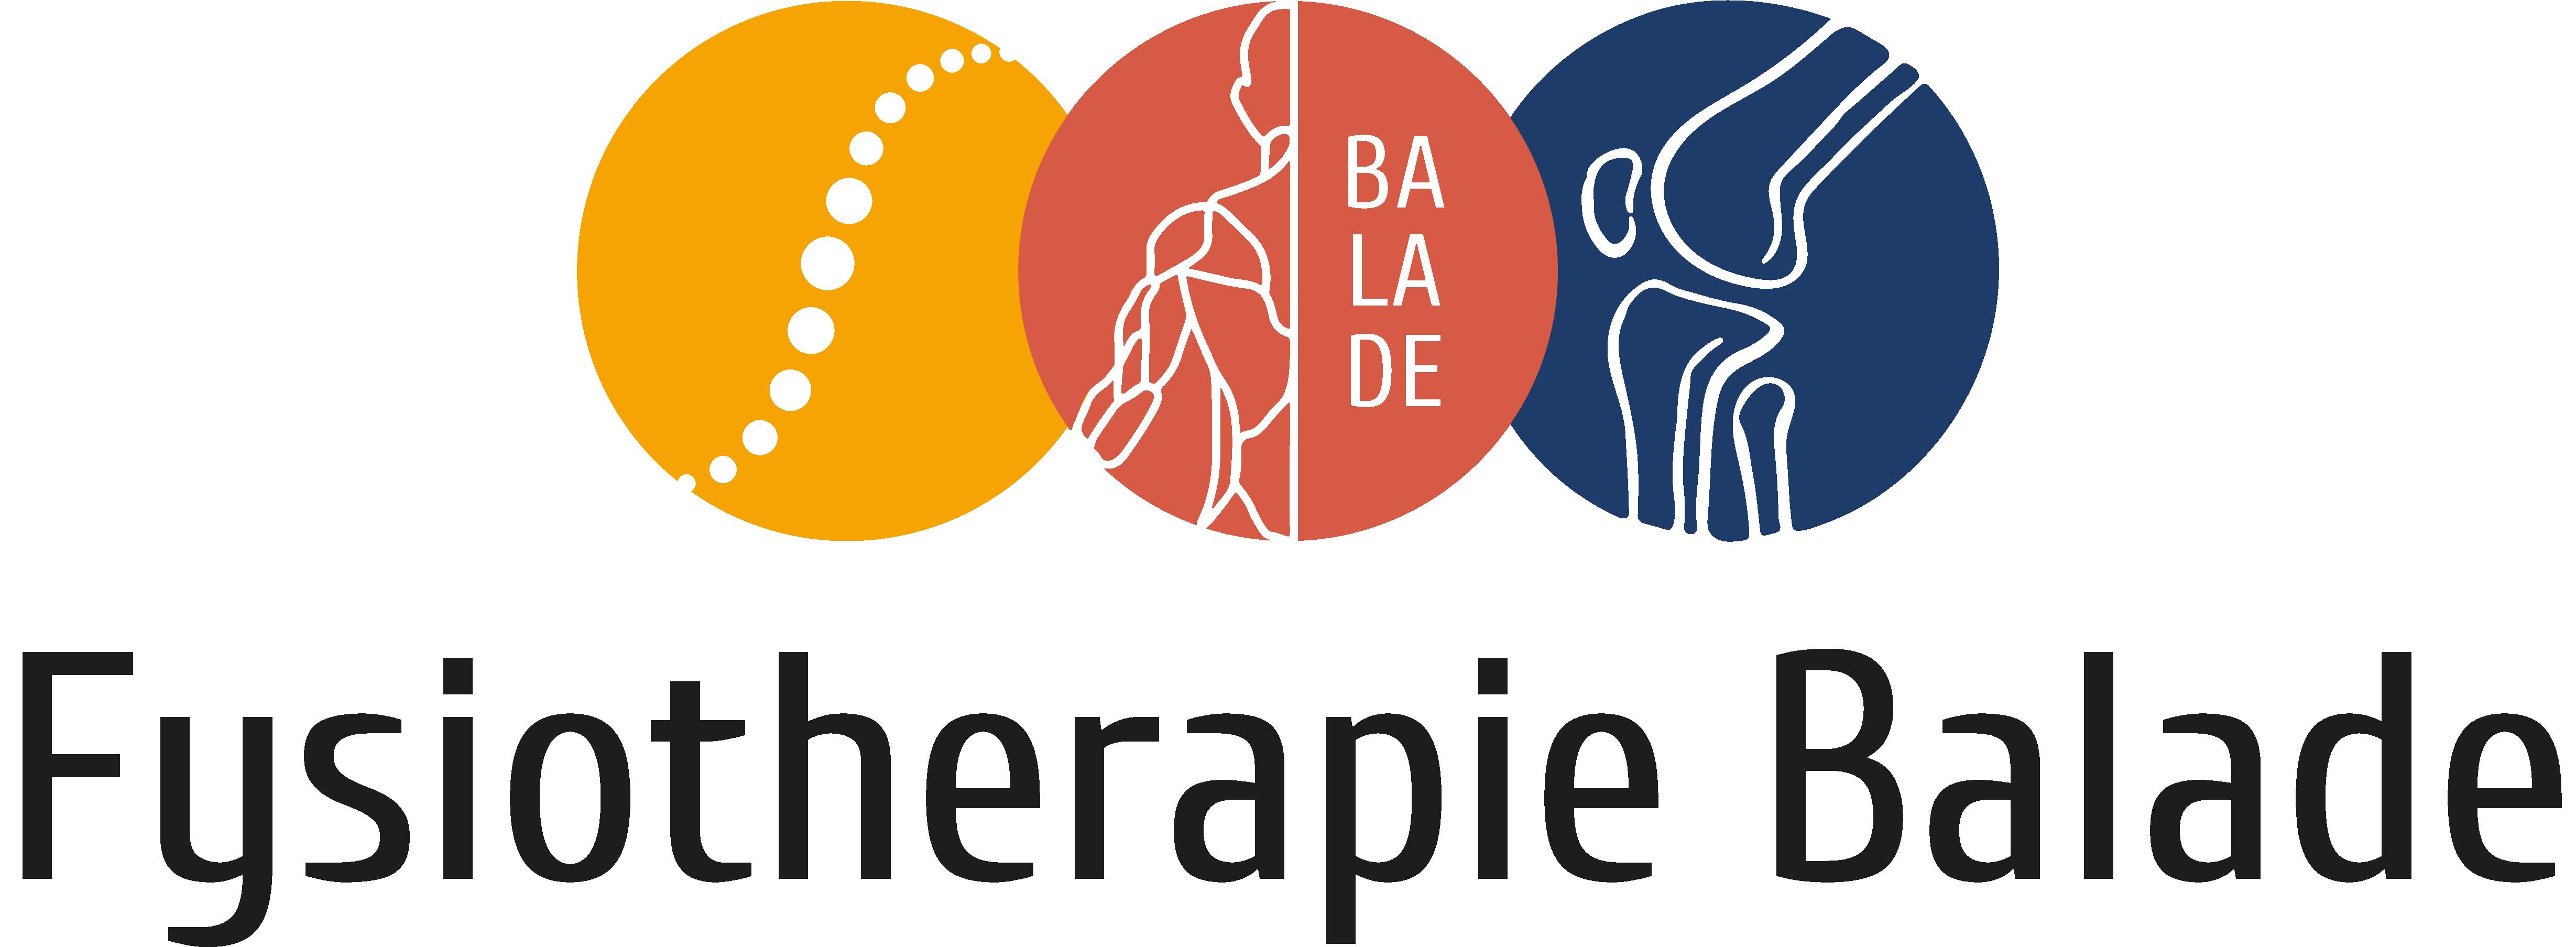 Fysiotherapie van Heeswijk en van der Valk wordt vanaf 1 juli Fysiotherapie BaLaDe